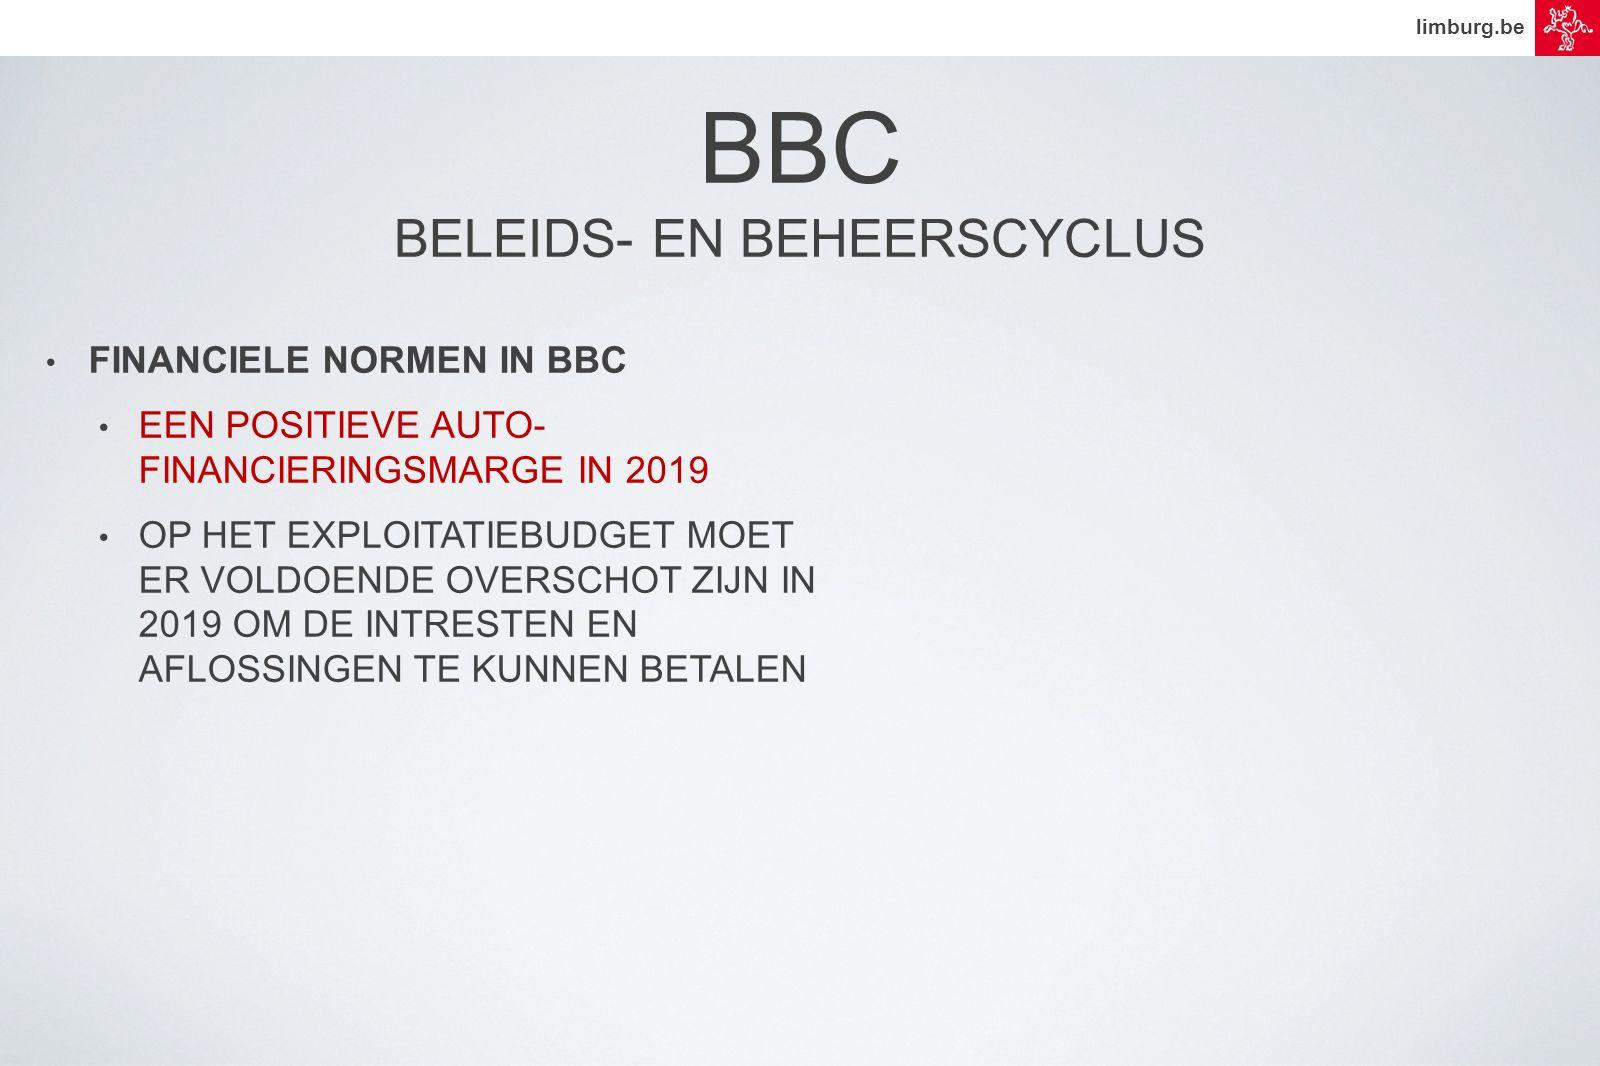 limburg.be • FINANCIELE NORMEN IN BBC • EEN POSITIEVE AUTO- FINANCIERINGSMARGE IN 2019 • OP HET EXPLOITATIEBUDGET MOET ER VOLDOENDE OVERSCHOT ZIJN IN 2019 OM DE INTRESTEN EN AFLOSSINGEN TE KUNNEN BETALEN BBC BELEIDS- EN BEHEERSCYCLUS